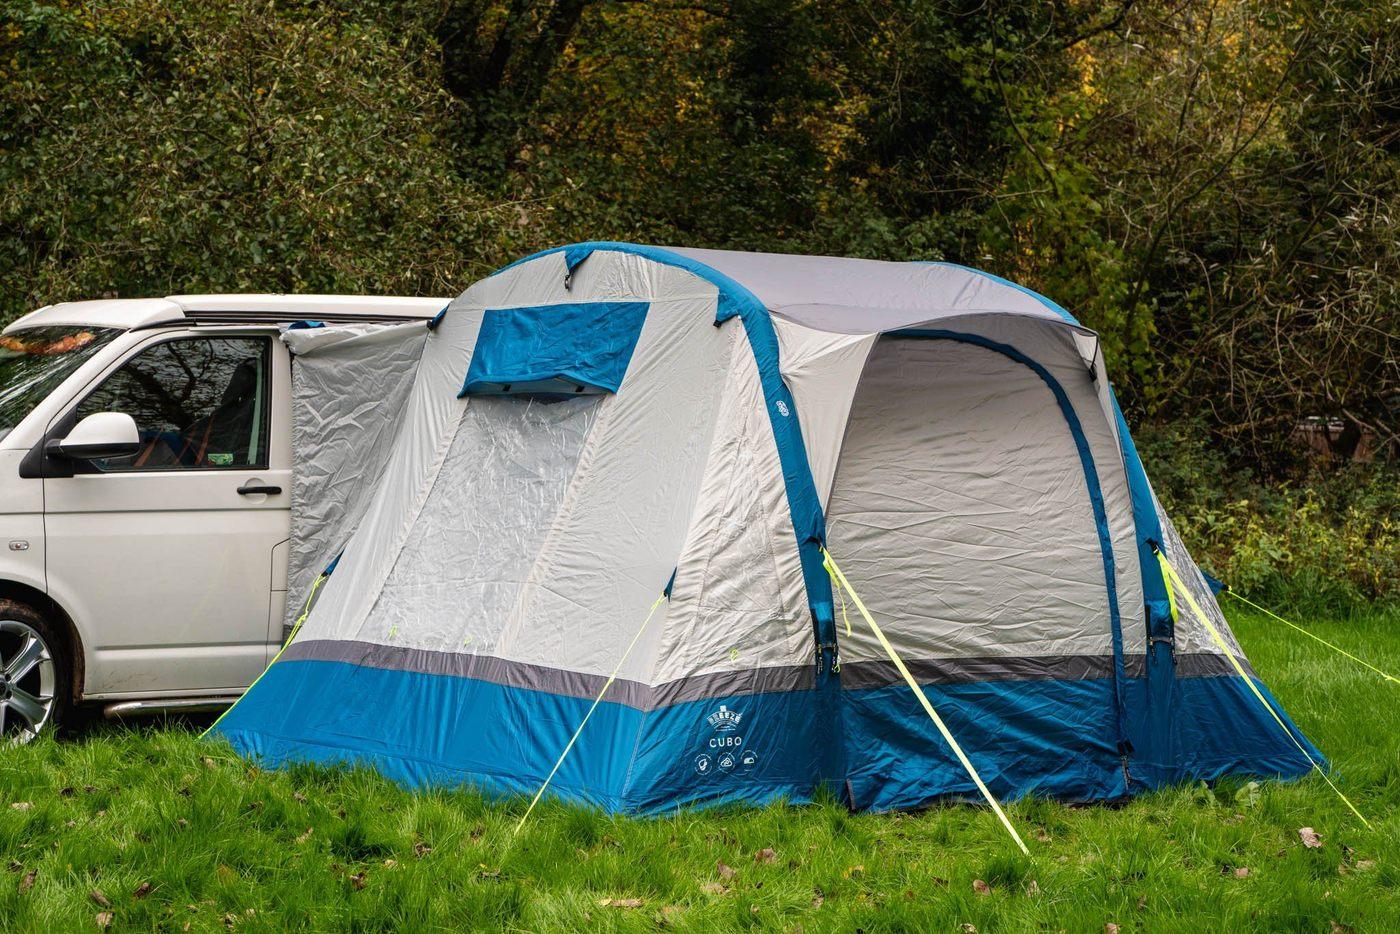 OLPRO Cubo Breeze Toldo para Camper van Azul gris  Al aire libre Cámping  hasta un 70% de descuento